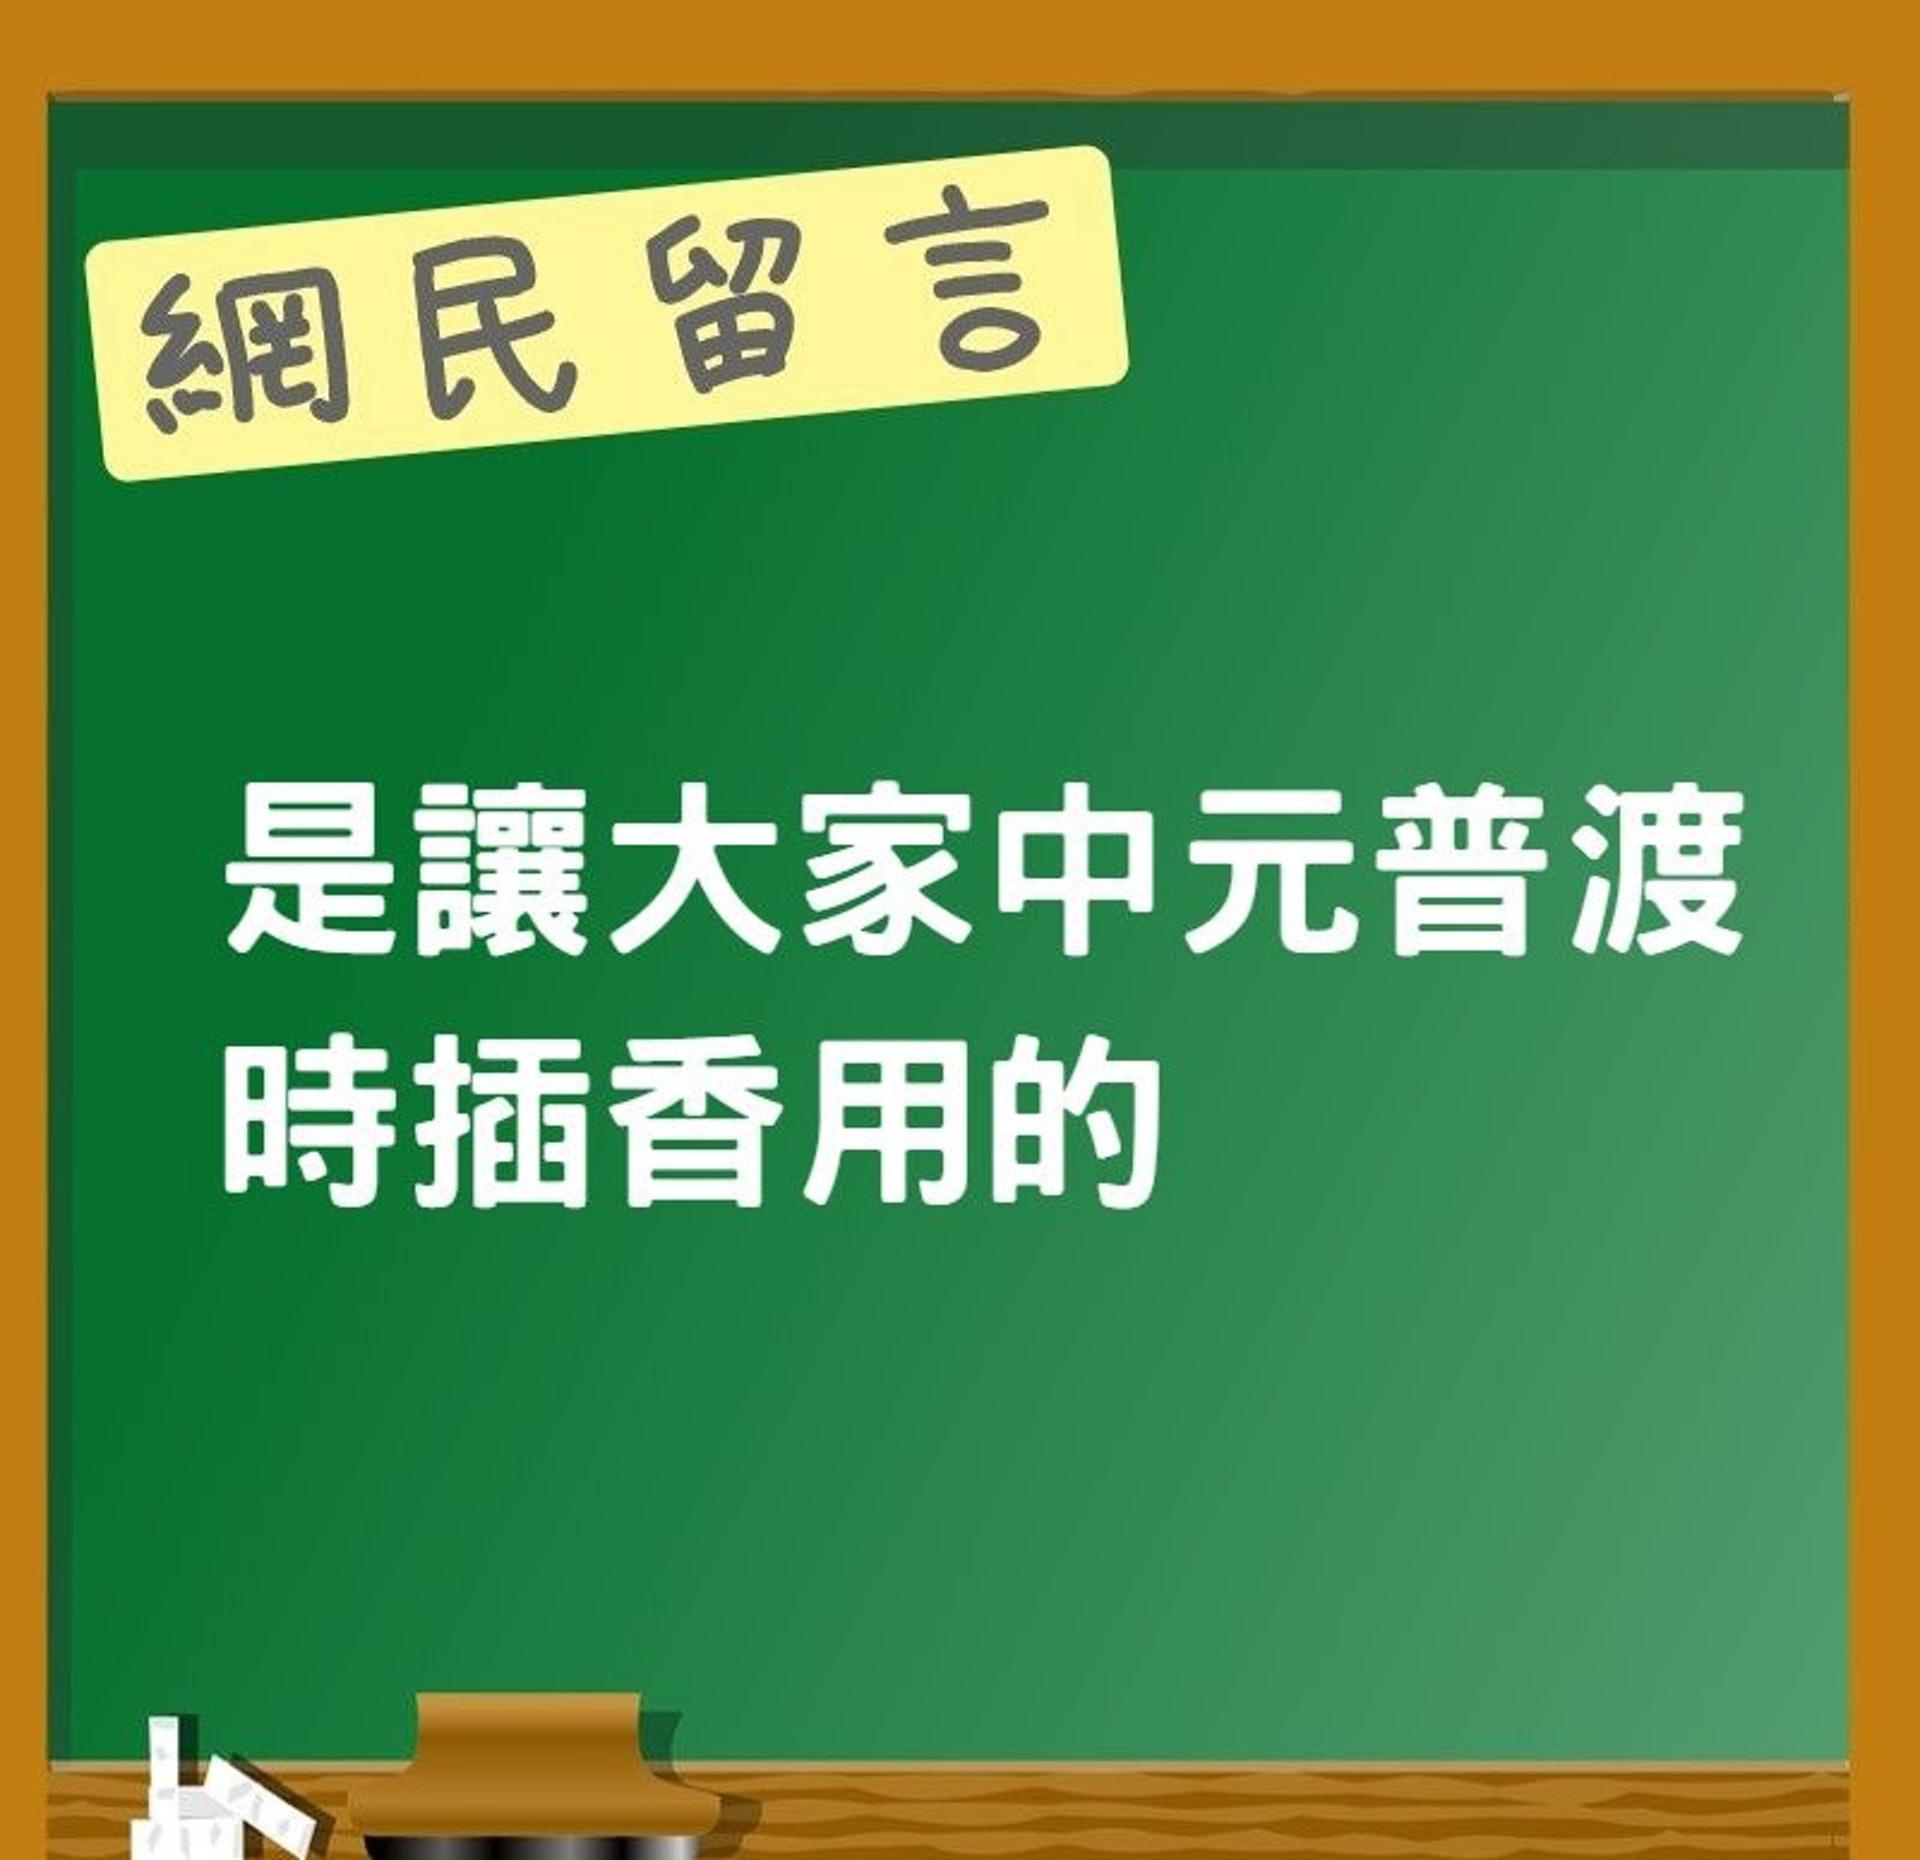 網友看到後紛紛留言回應解惑(01製圖)